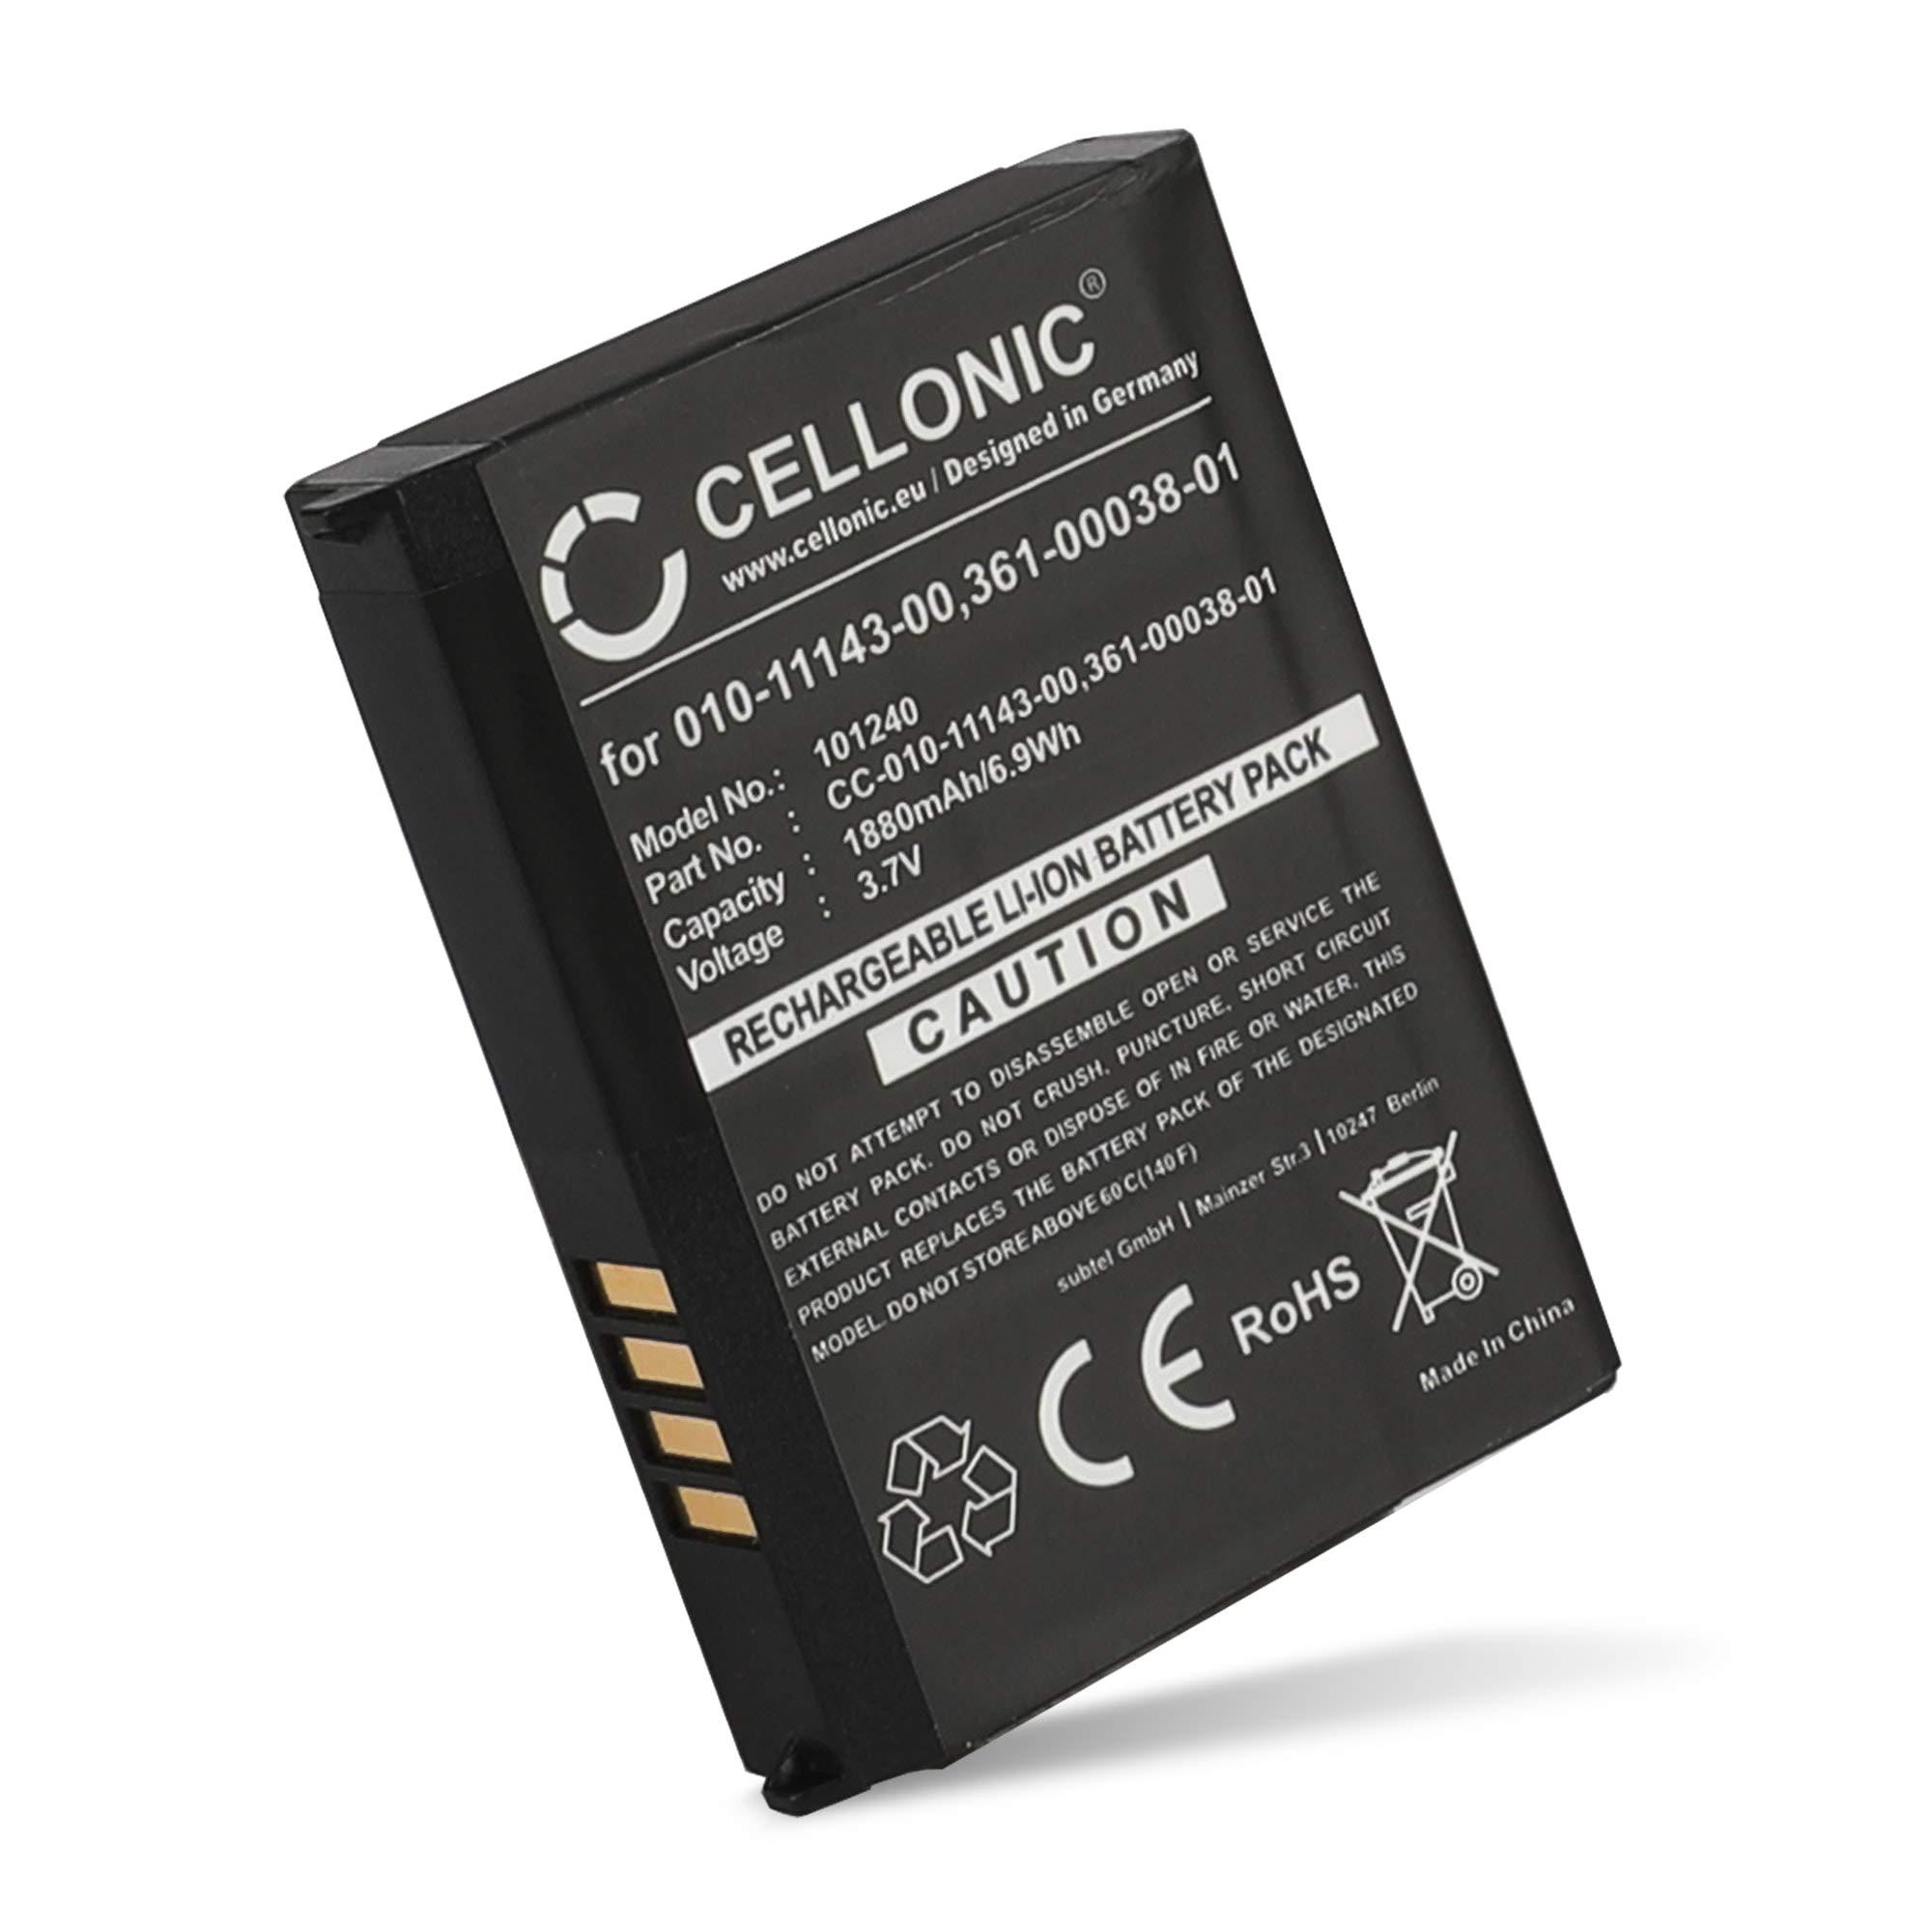 CELLONIC® Batería Premium Compatible con Garmin Zumo 660, 650, 600 ...